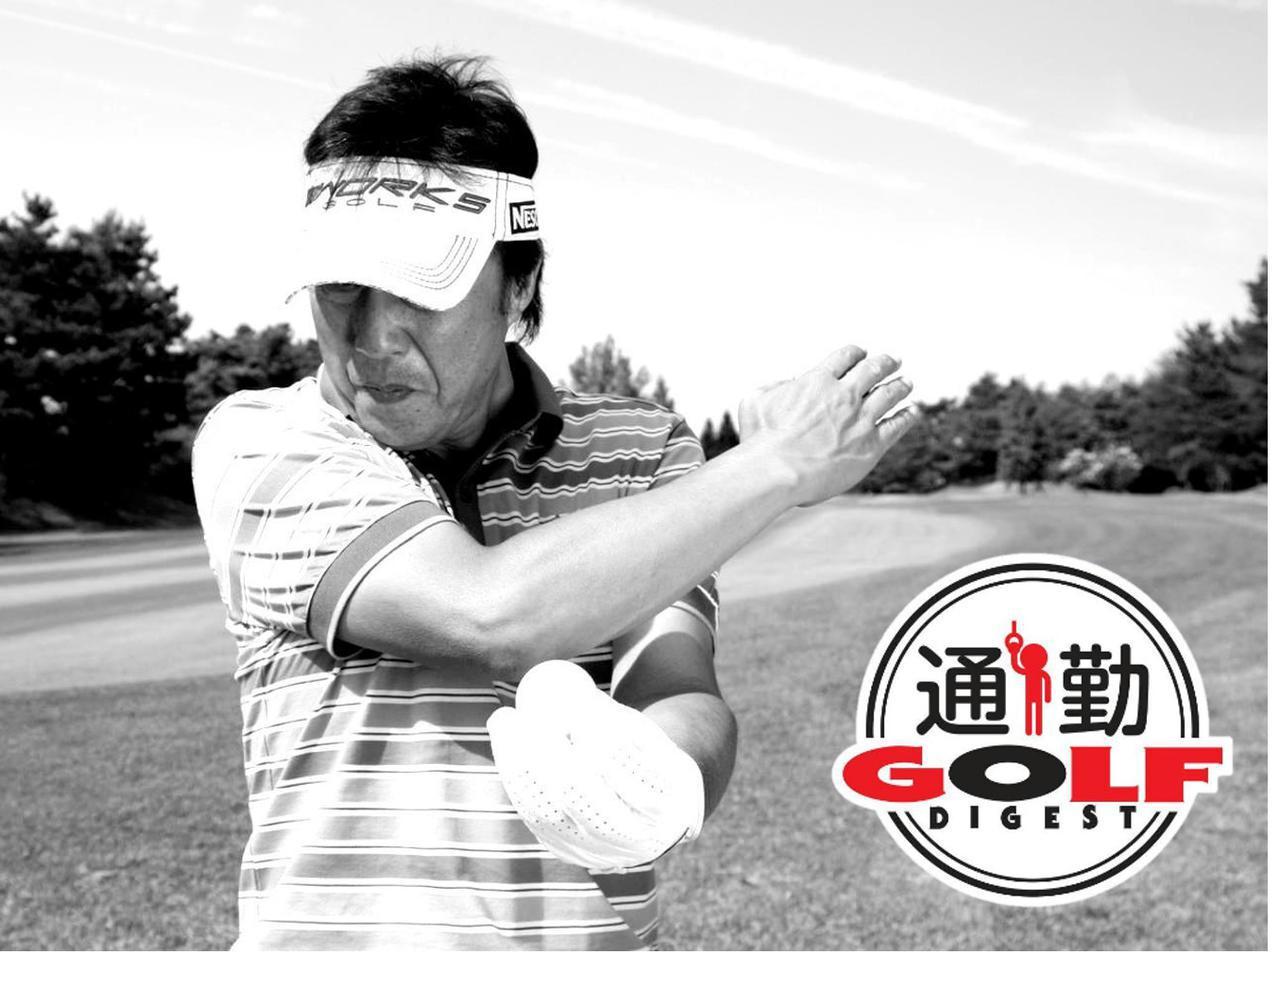 画像: 【通勤GD】高松志門・奥田靖己の一行レッスンVol.42  もっと低く打てますか?  ゴルフダイジェストWEB - ゴルフへ行こうWEB by ゴルフダイジェスト